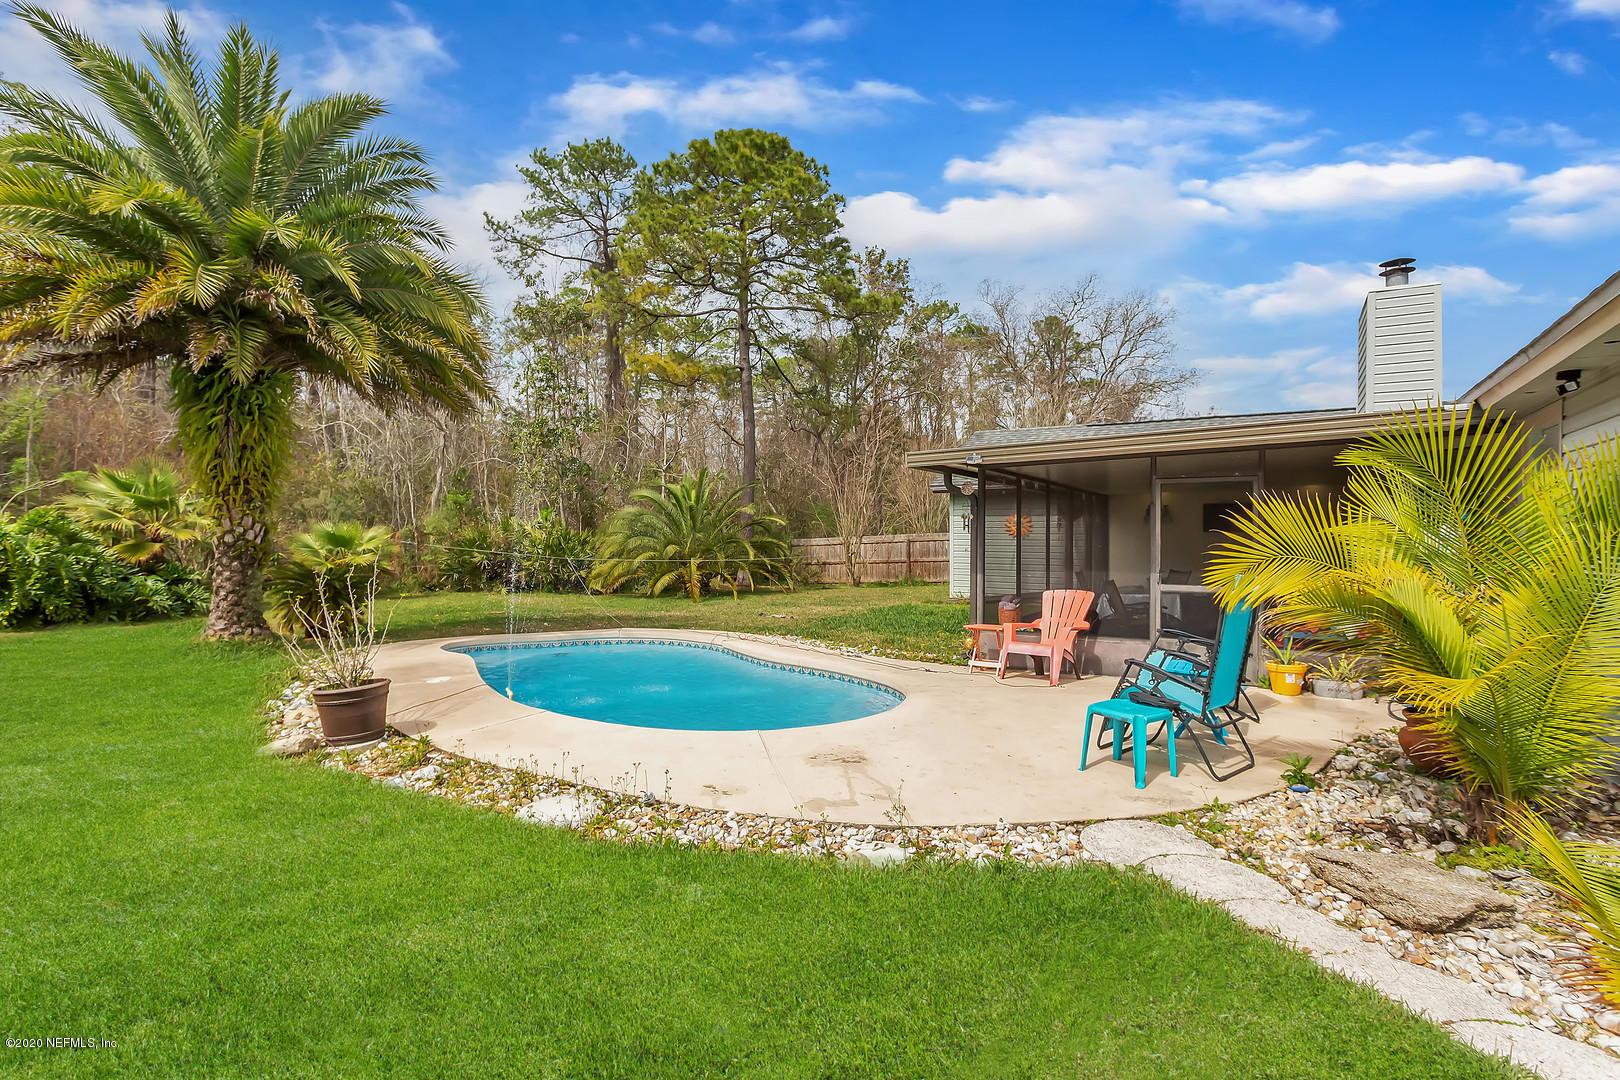 592 CHARLES PINCKNEY, ORANGE PARK, FLORIDA 32073, 3 Bedrooms Bedrooms, ,2 BathroomsBathrooms,Residential,For sale,CHARLES PINCKNEY,1039179